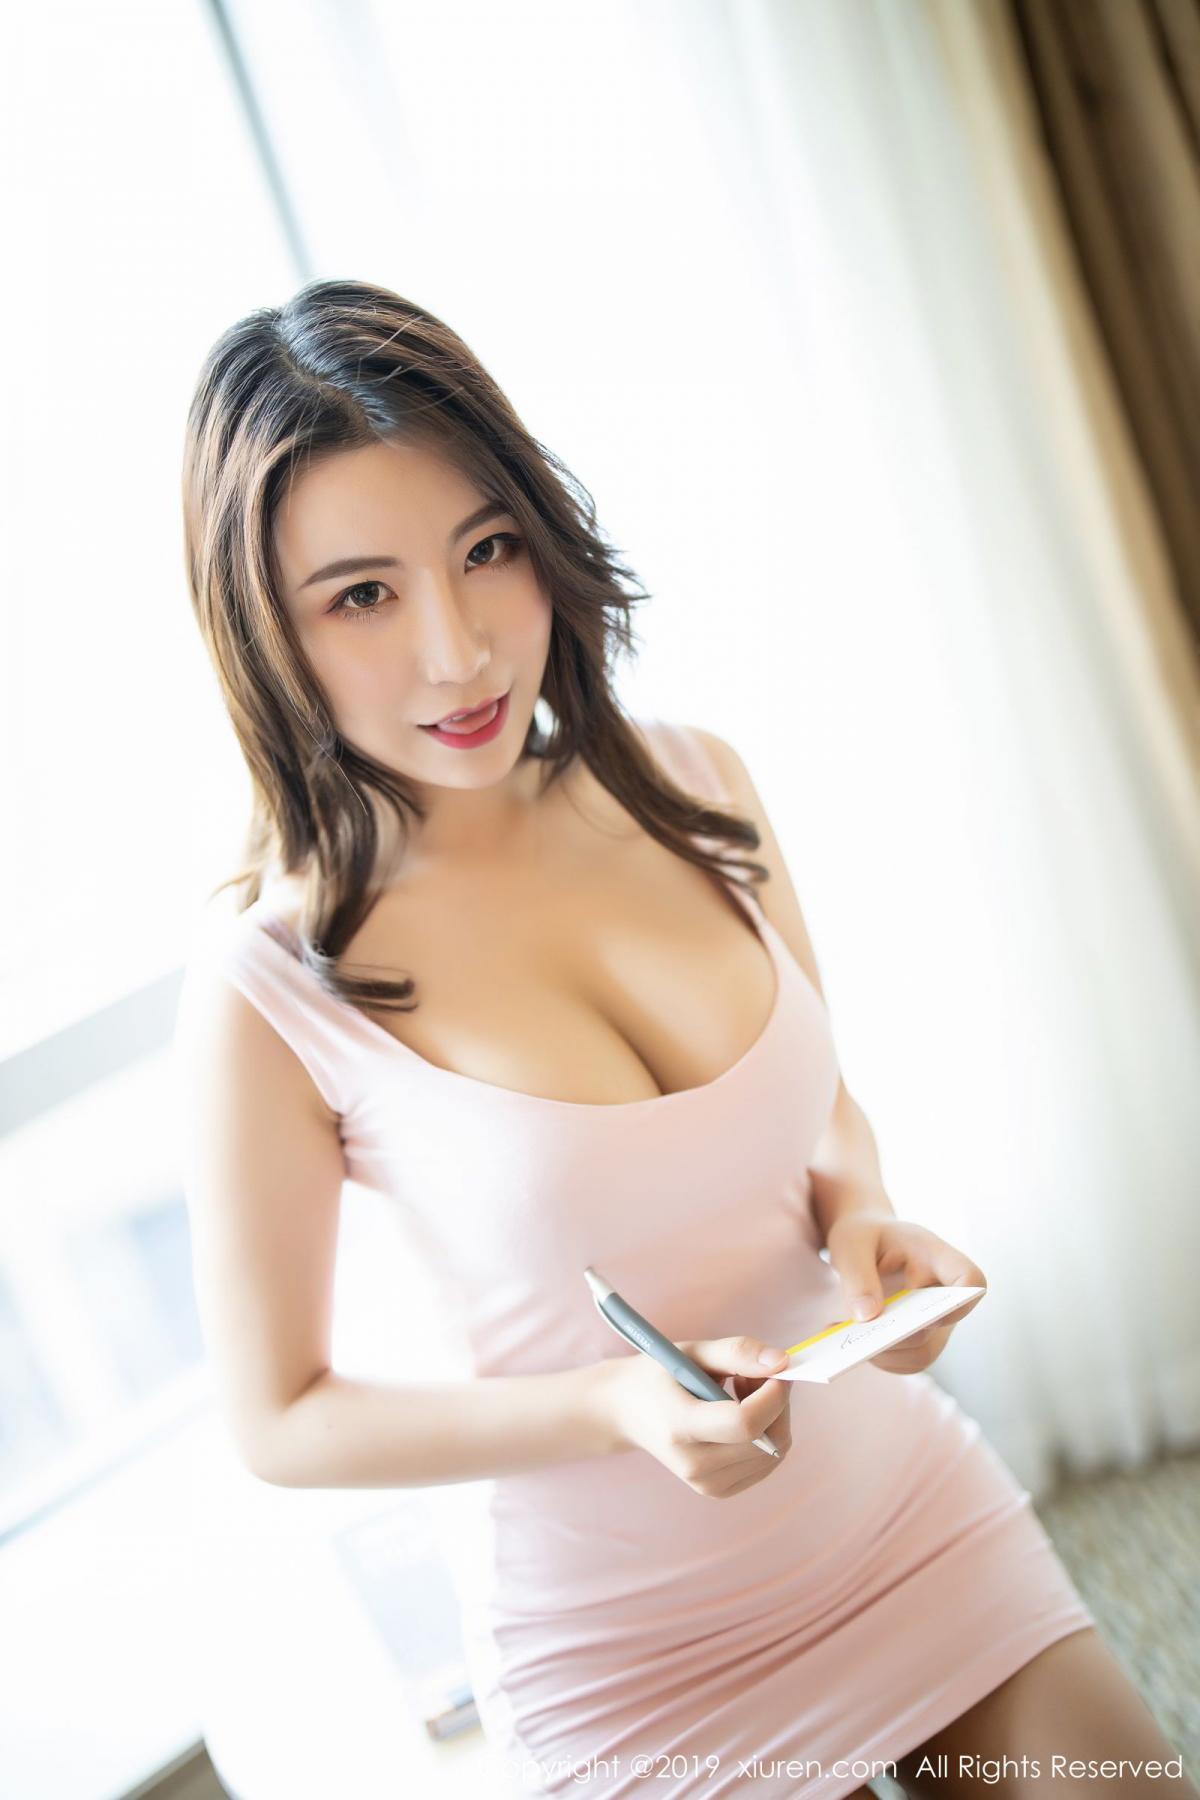 [XiaoYu] Vol.1697 Xie Zhi Xin 10P, Home, Sexy, XiaoYu, Xie Zhi Xin